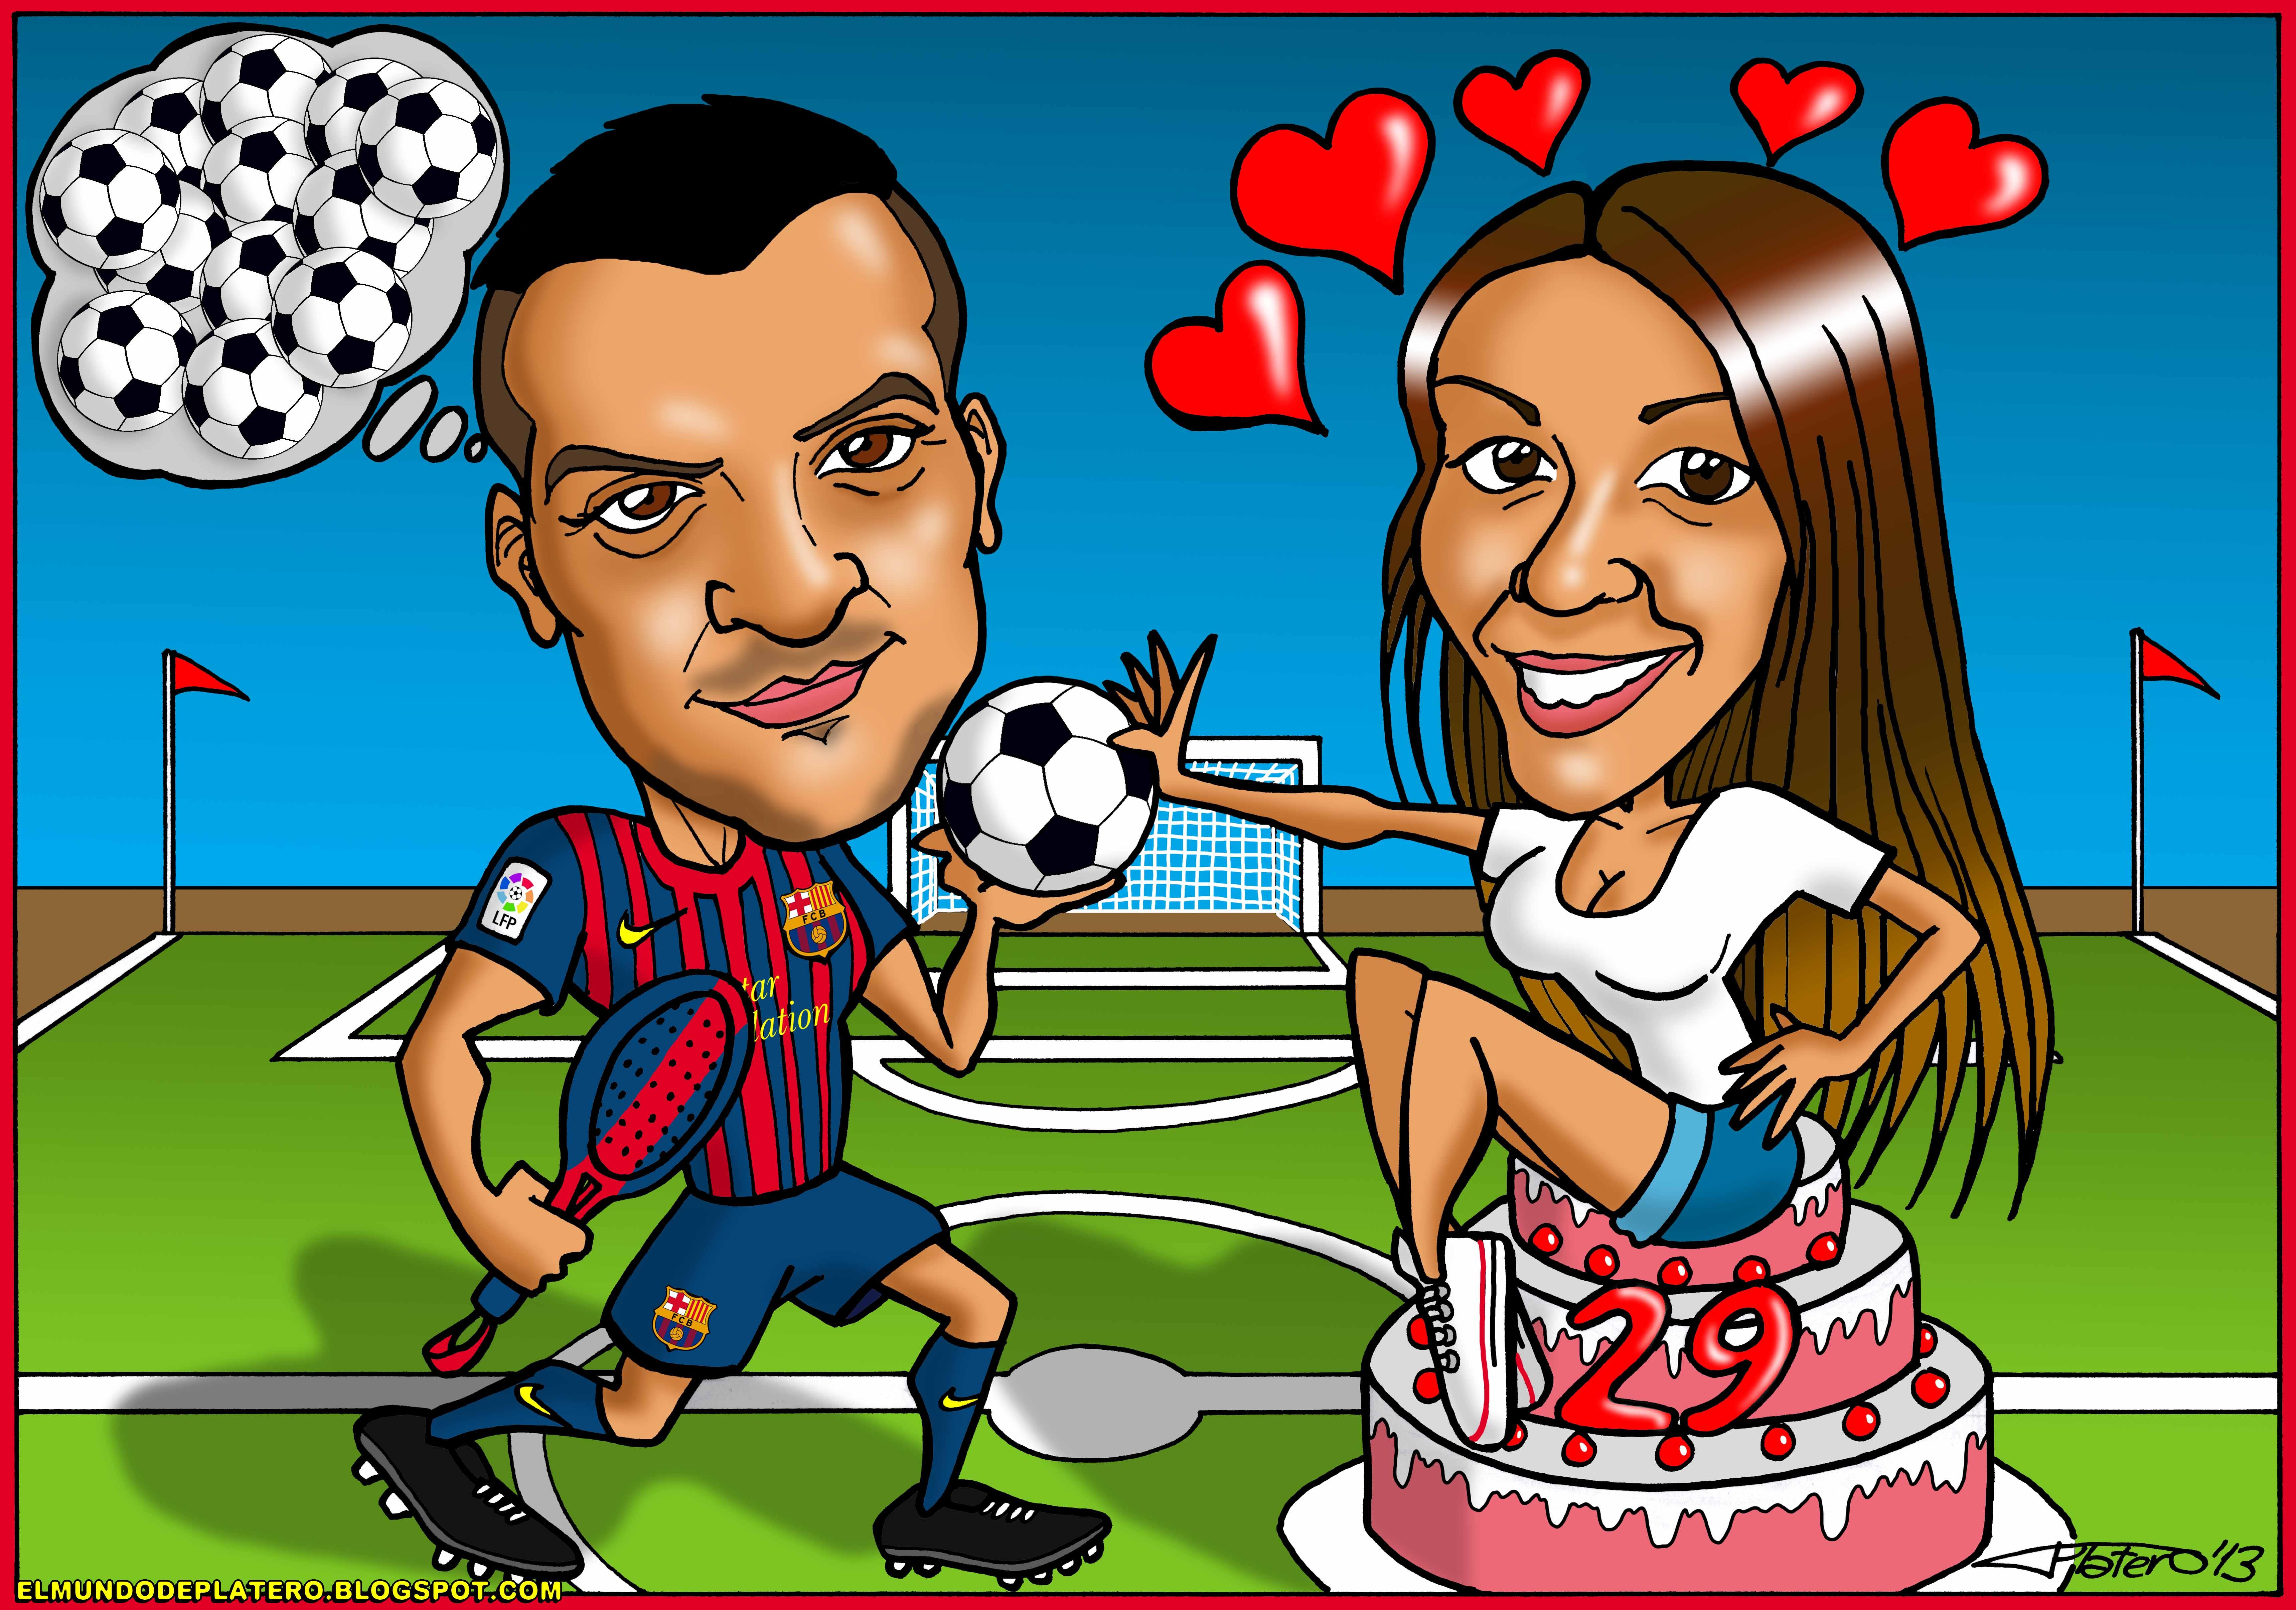 caricaturas a color por encargo personalizadas_cumpleaños fútbol barça_elmundode